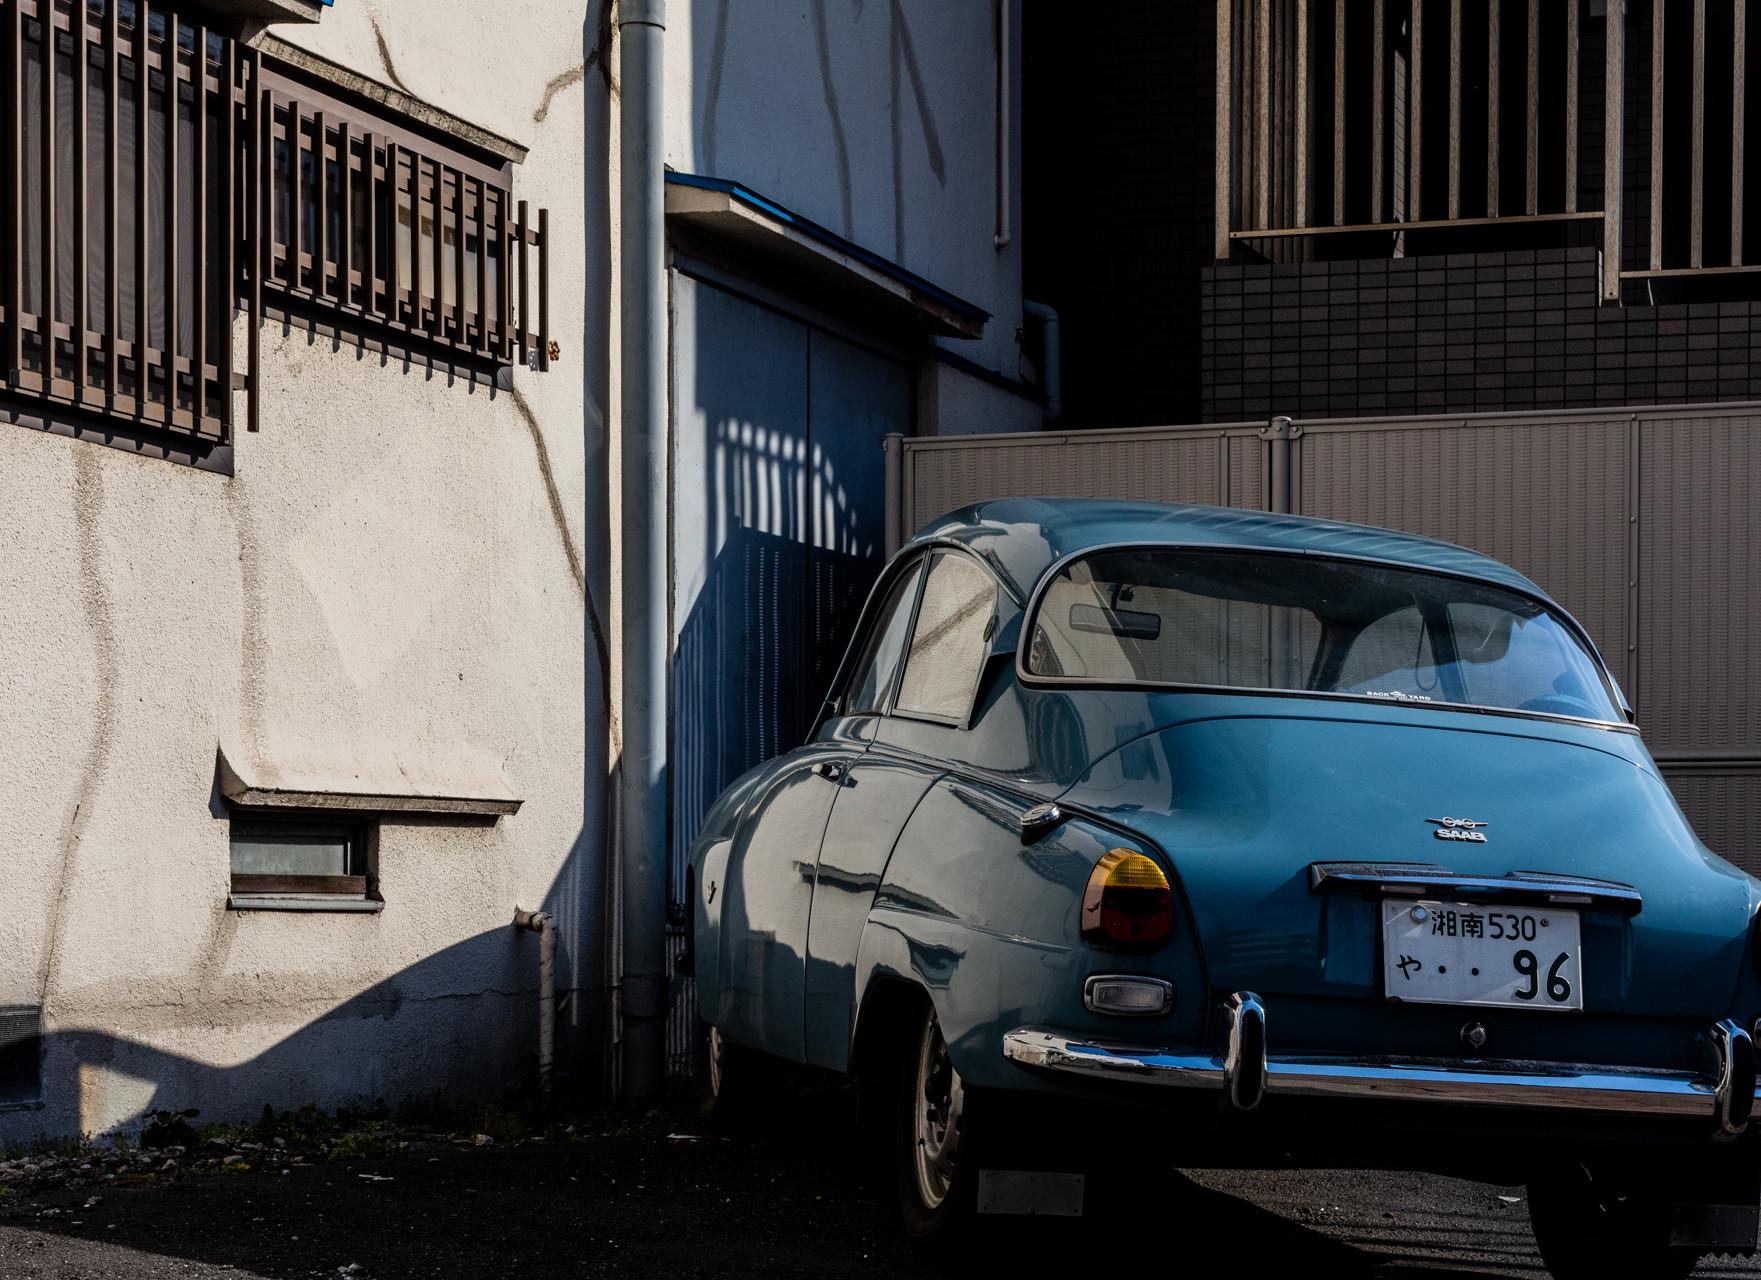 STREET-PHOTOGRAPHY-7-JUANMI-MARQUEZ-1761x1280